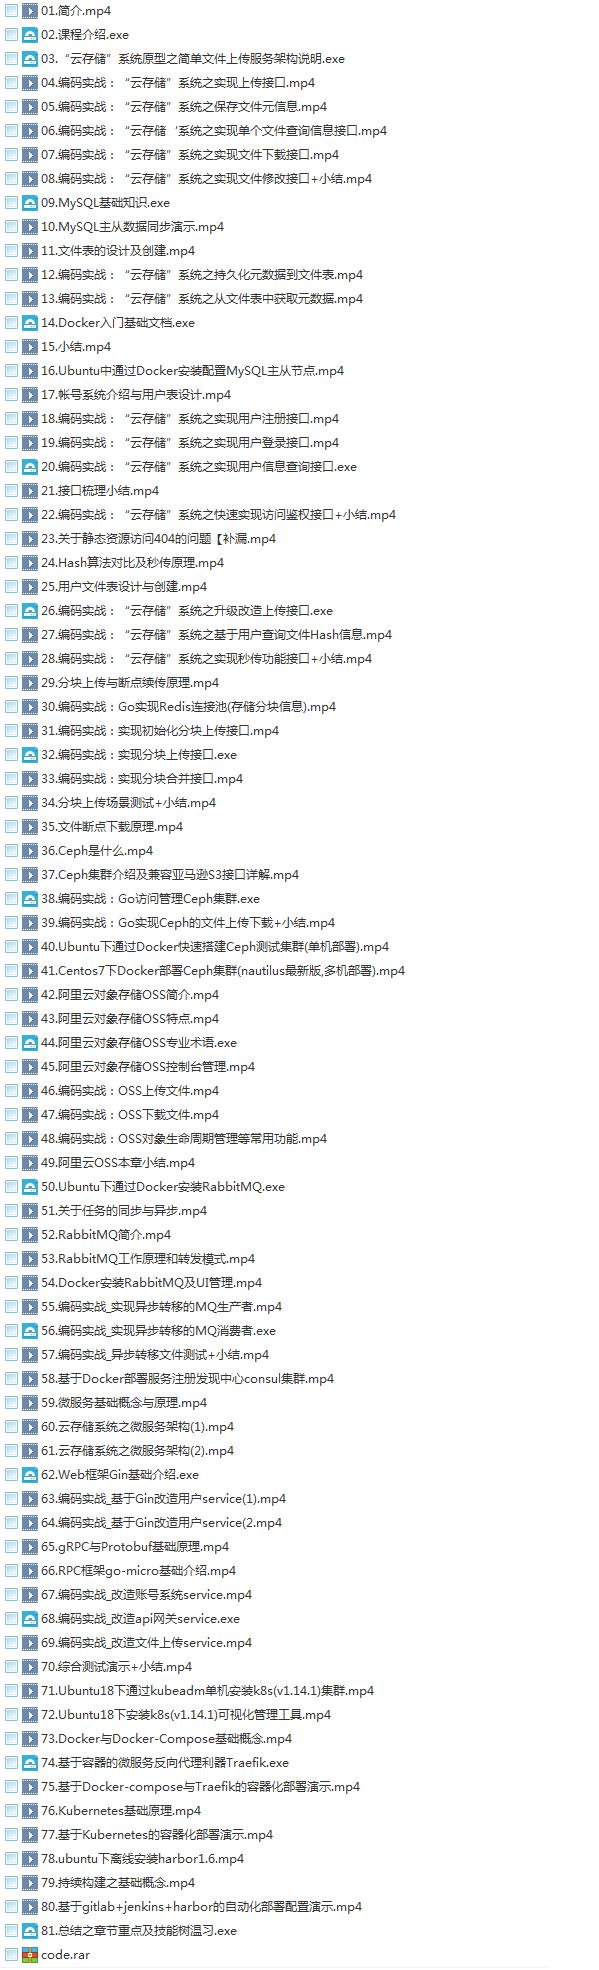 21套Go语言编程入门到高级进阶项目实战案例视频培训web微服务框架教程插图(20)